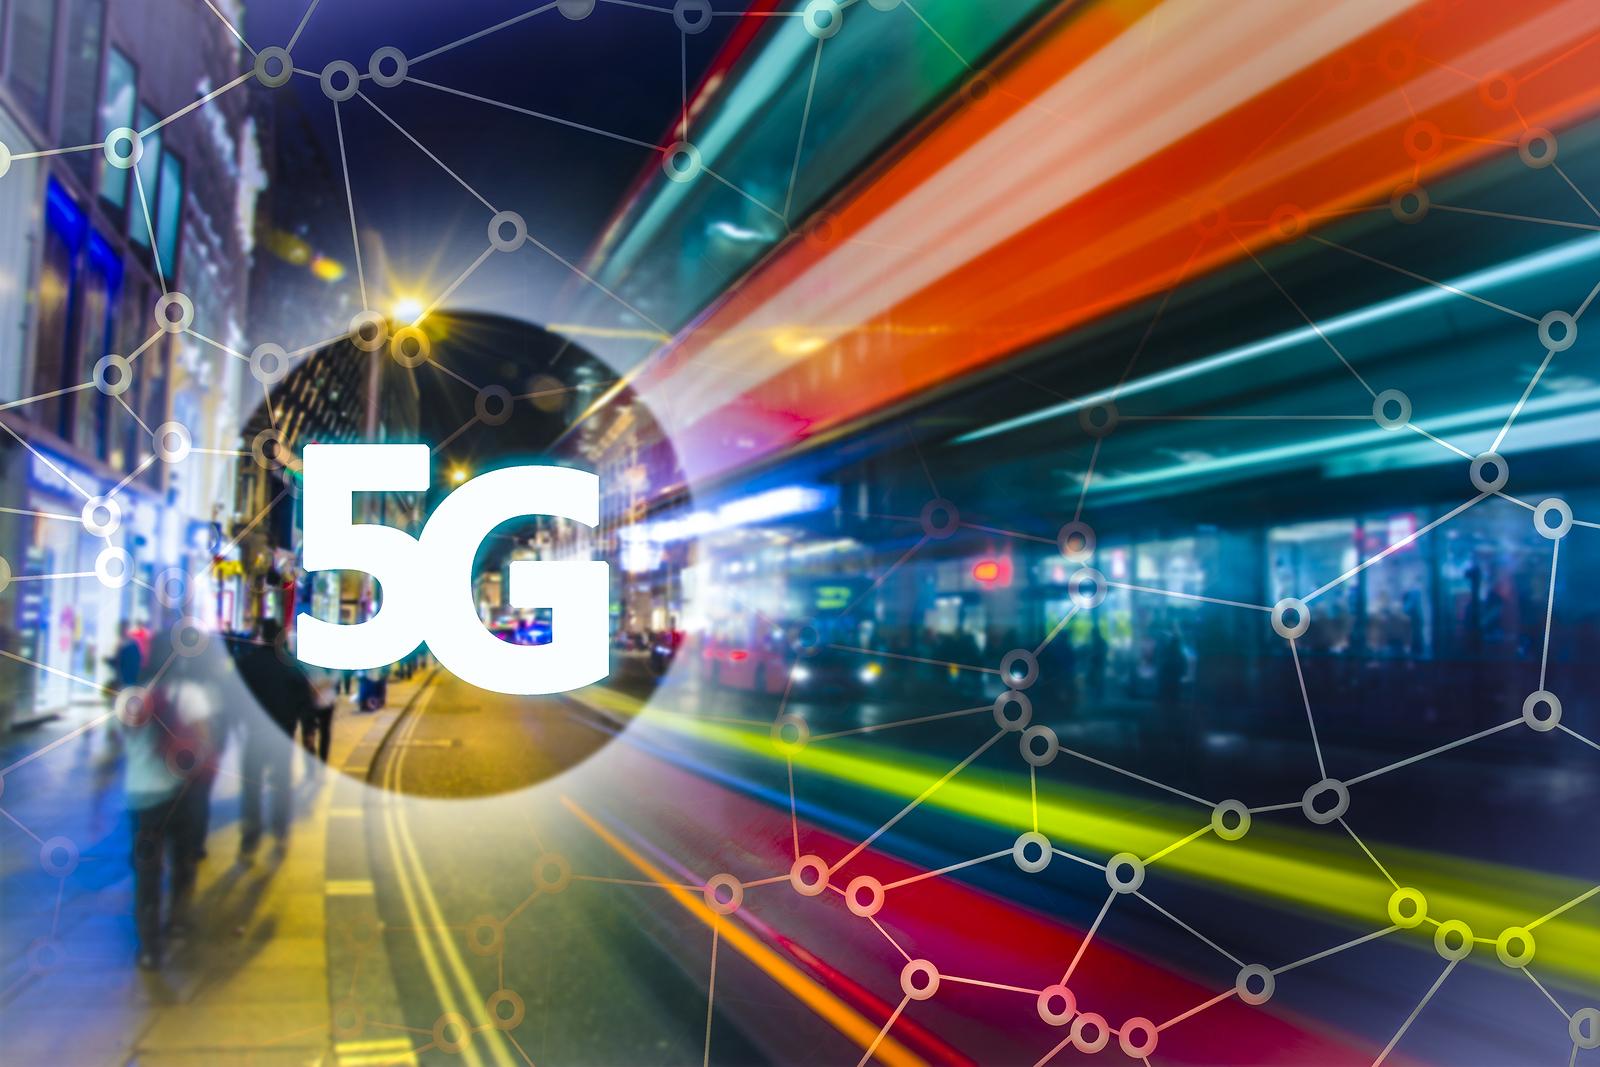 5G基站有机会百家争鸣,机遇和挑战在哪里?